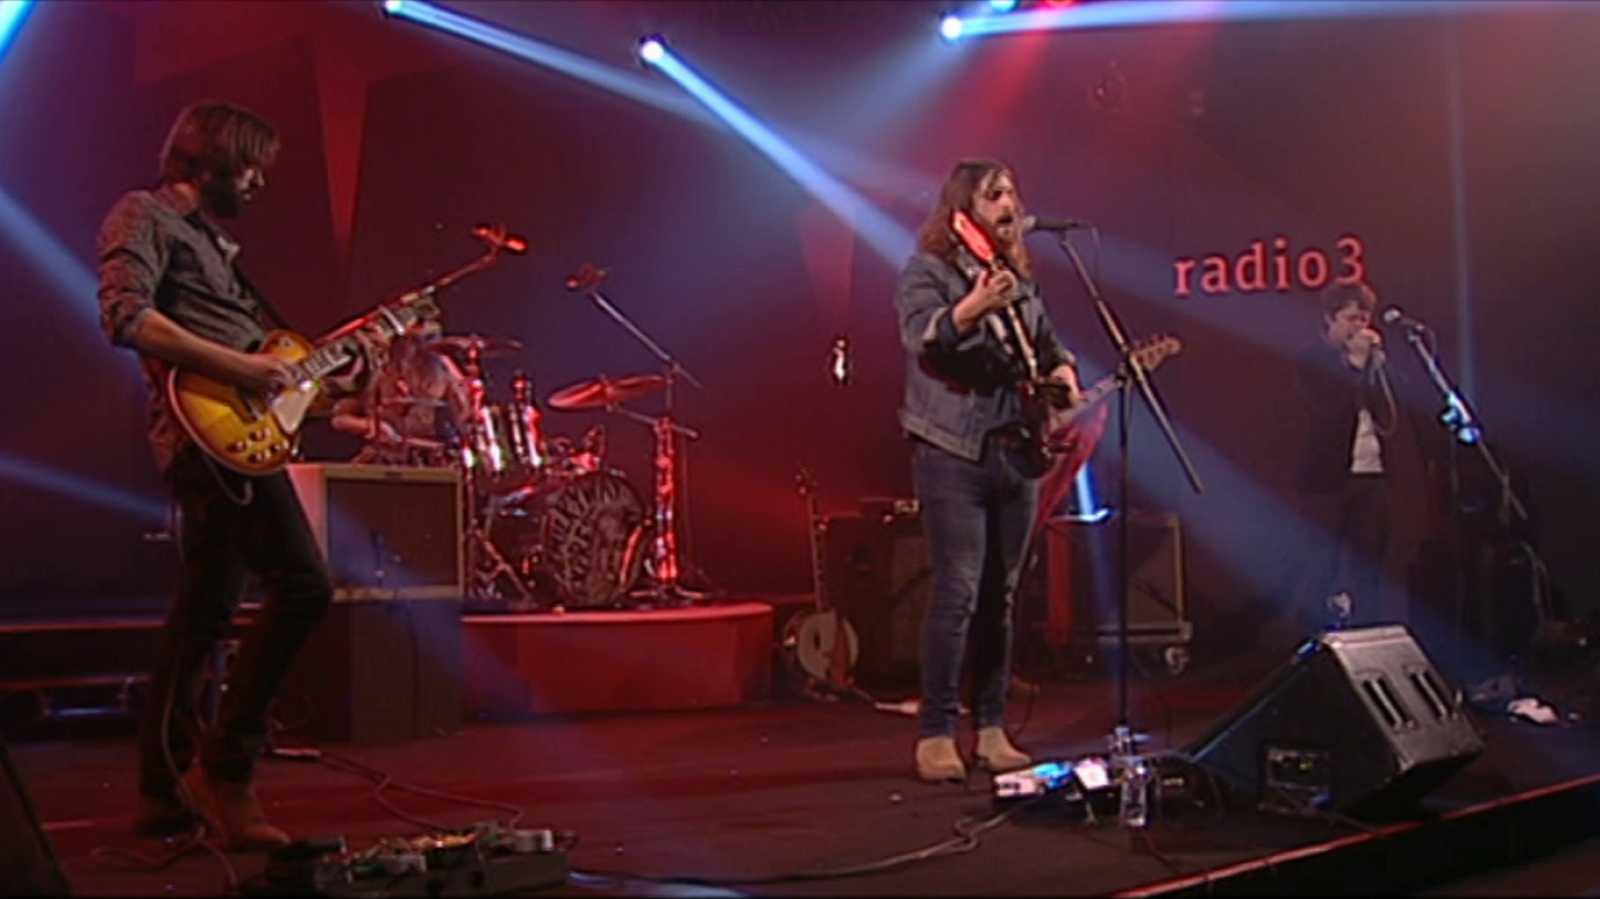 Los conciertos de Radio 3 - Los Milkyway Express - ver ahora